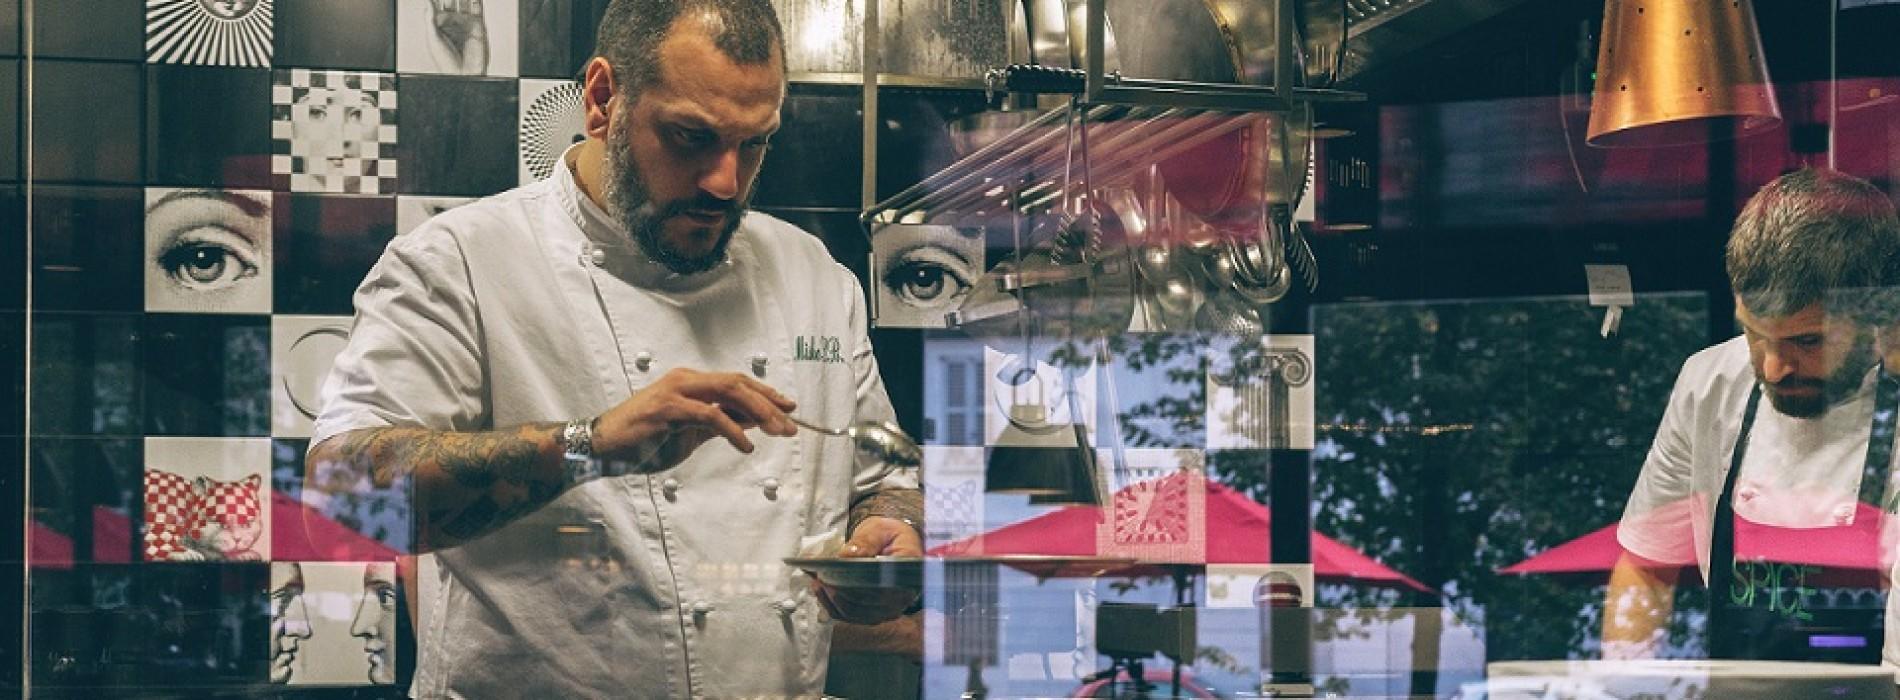 Spice Milano, Misha Sukyas propone parmigiana e champagne e fa lo chef alchimista